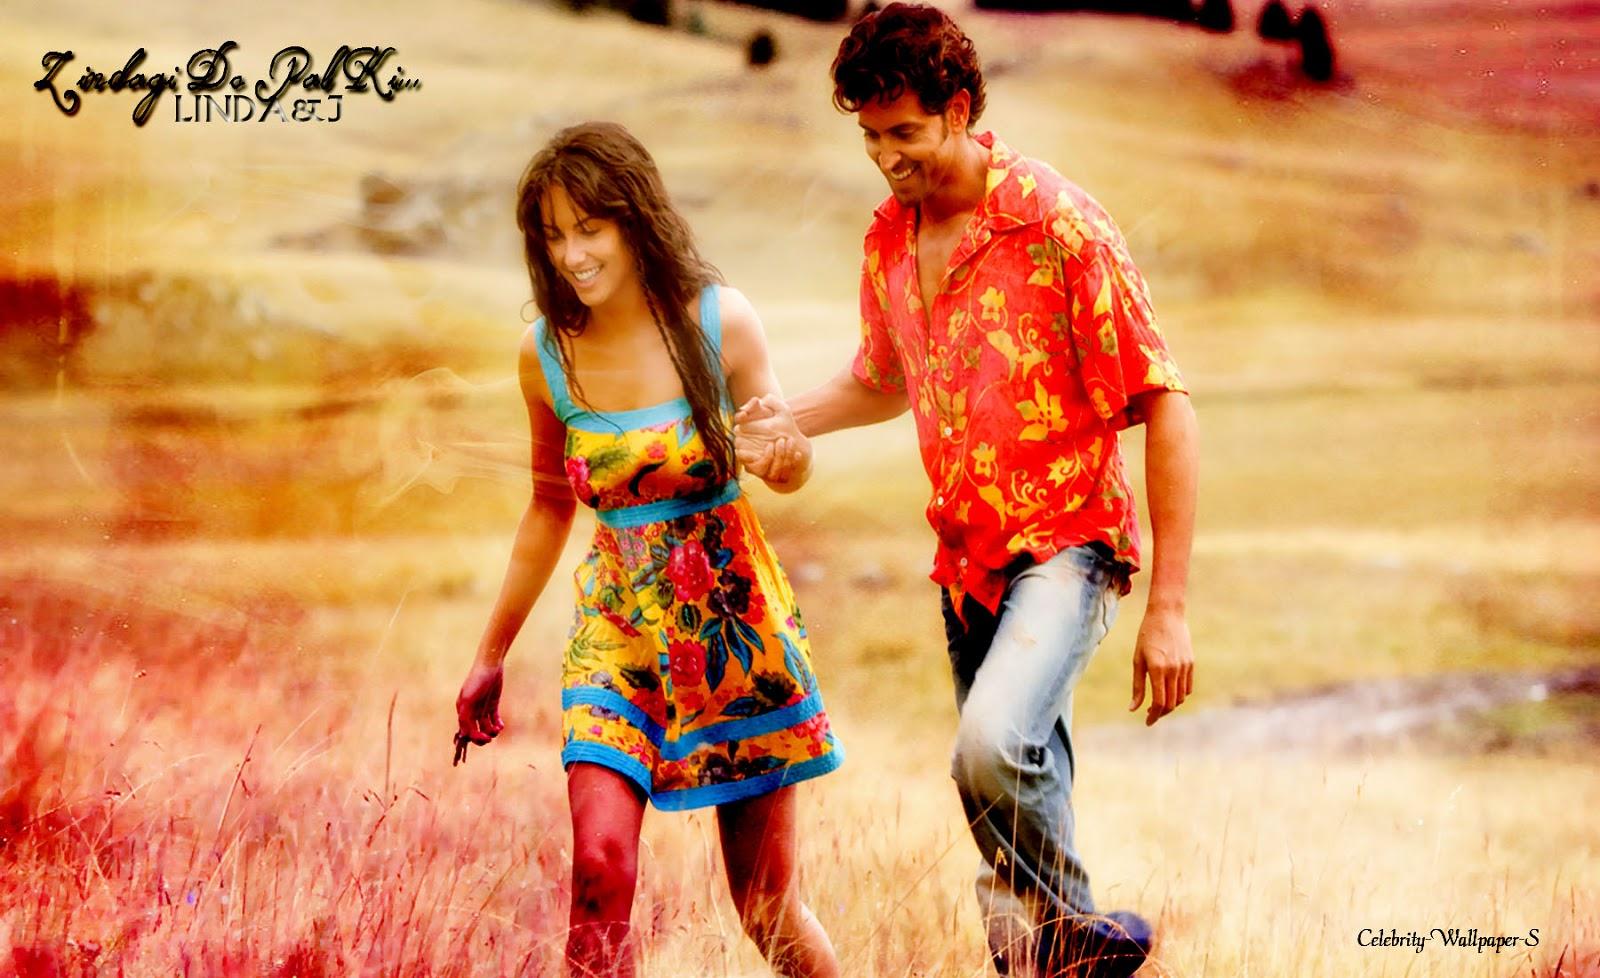 Hrithik Roshan Barbara Mori Kites Wallpaper HD